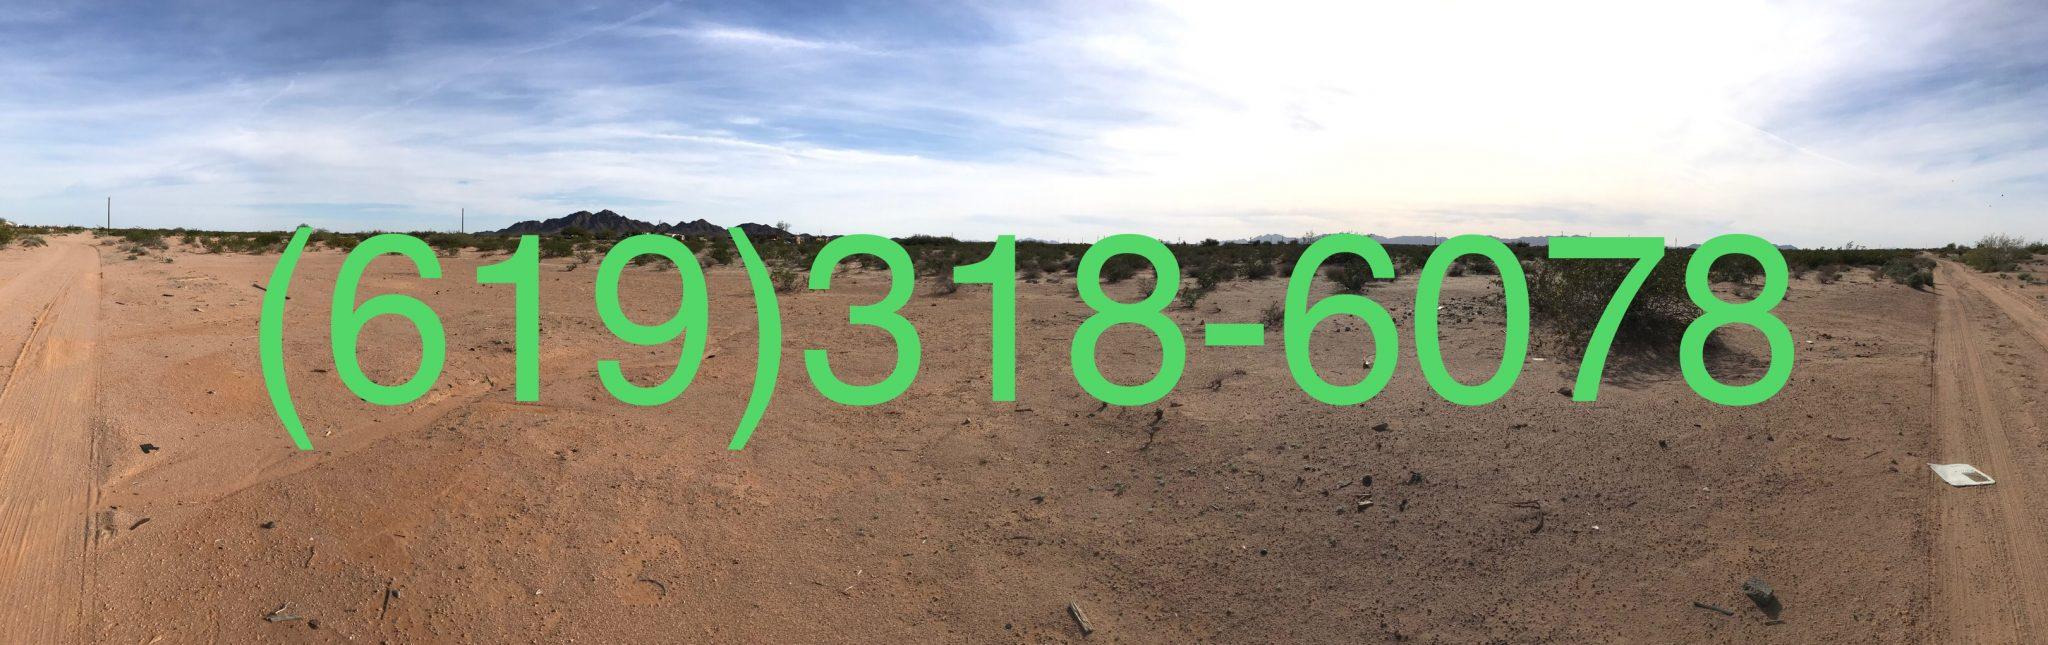 http://landishome.com/wp-content/uploads/2019/04/B3B5D10D-9210-4EC6-B924-AE7E18C3B135.jpeg